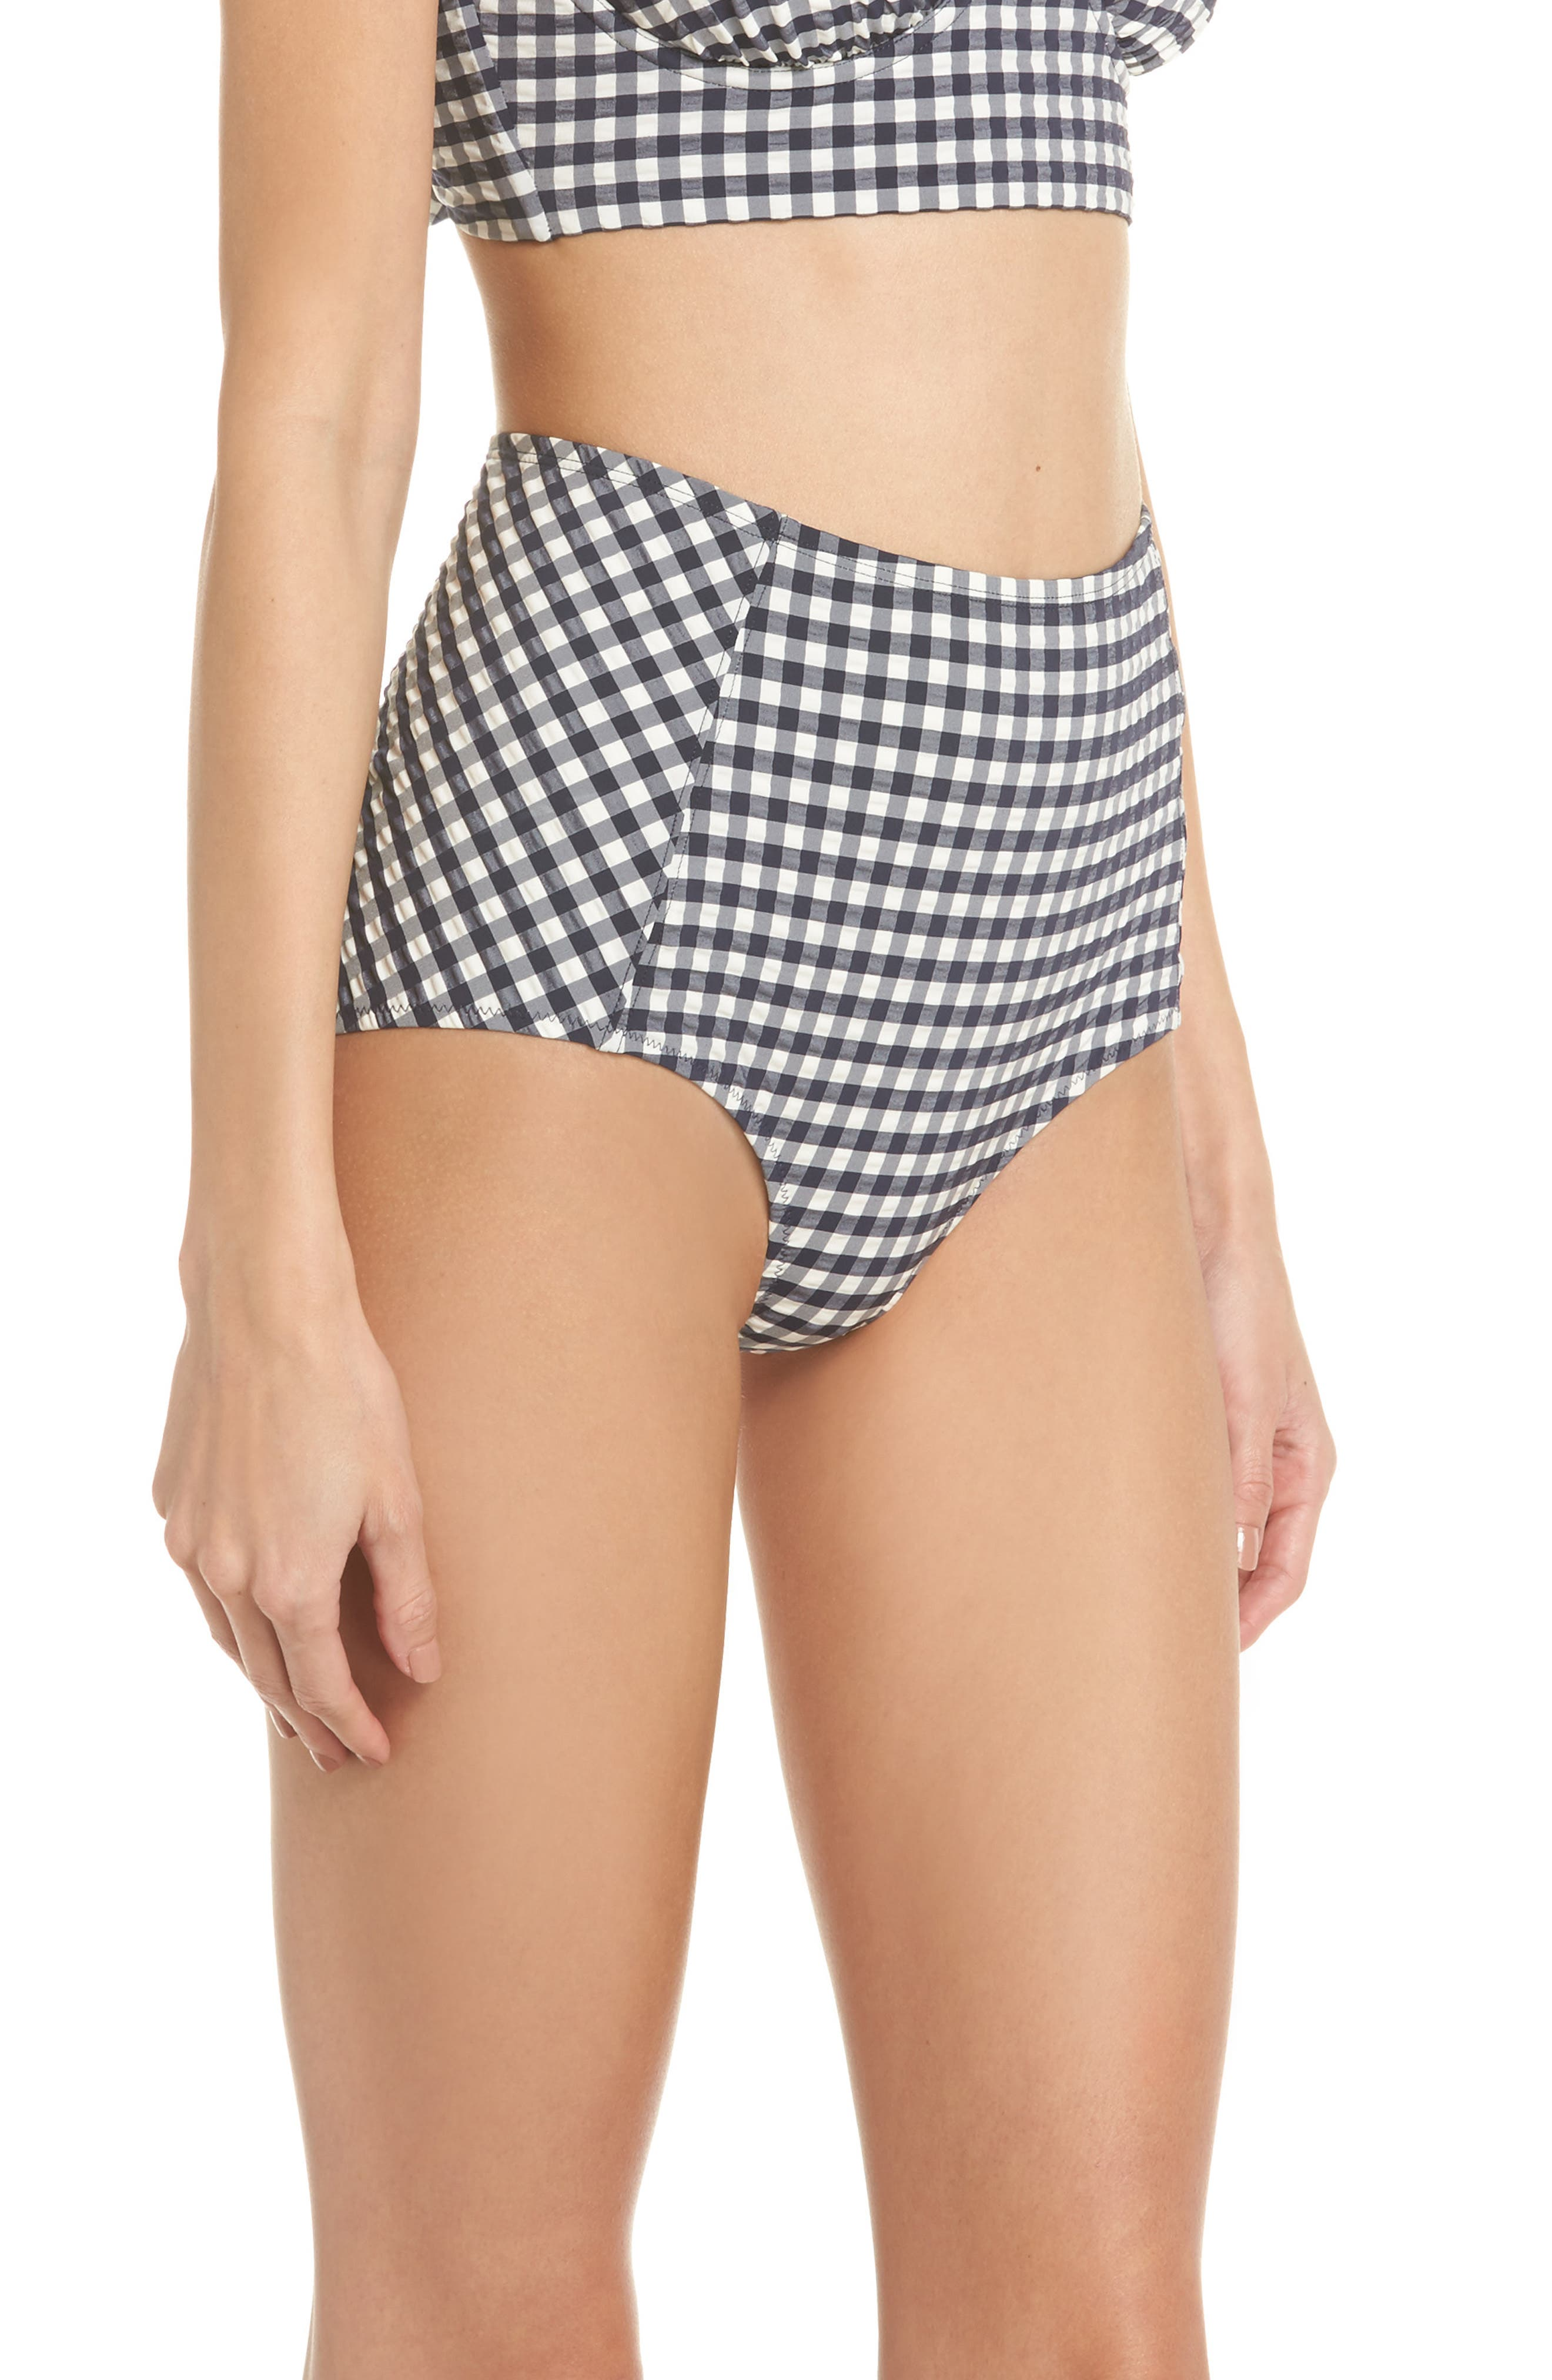 Gingham High Waist Bikini Bottoms,                             Alternate thumbnail 3, color,                             Tory Navy / White